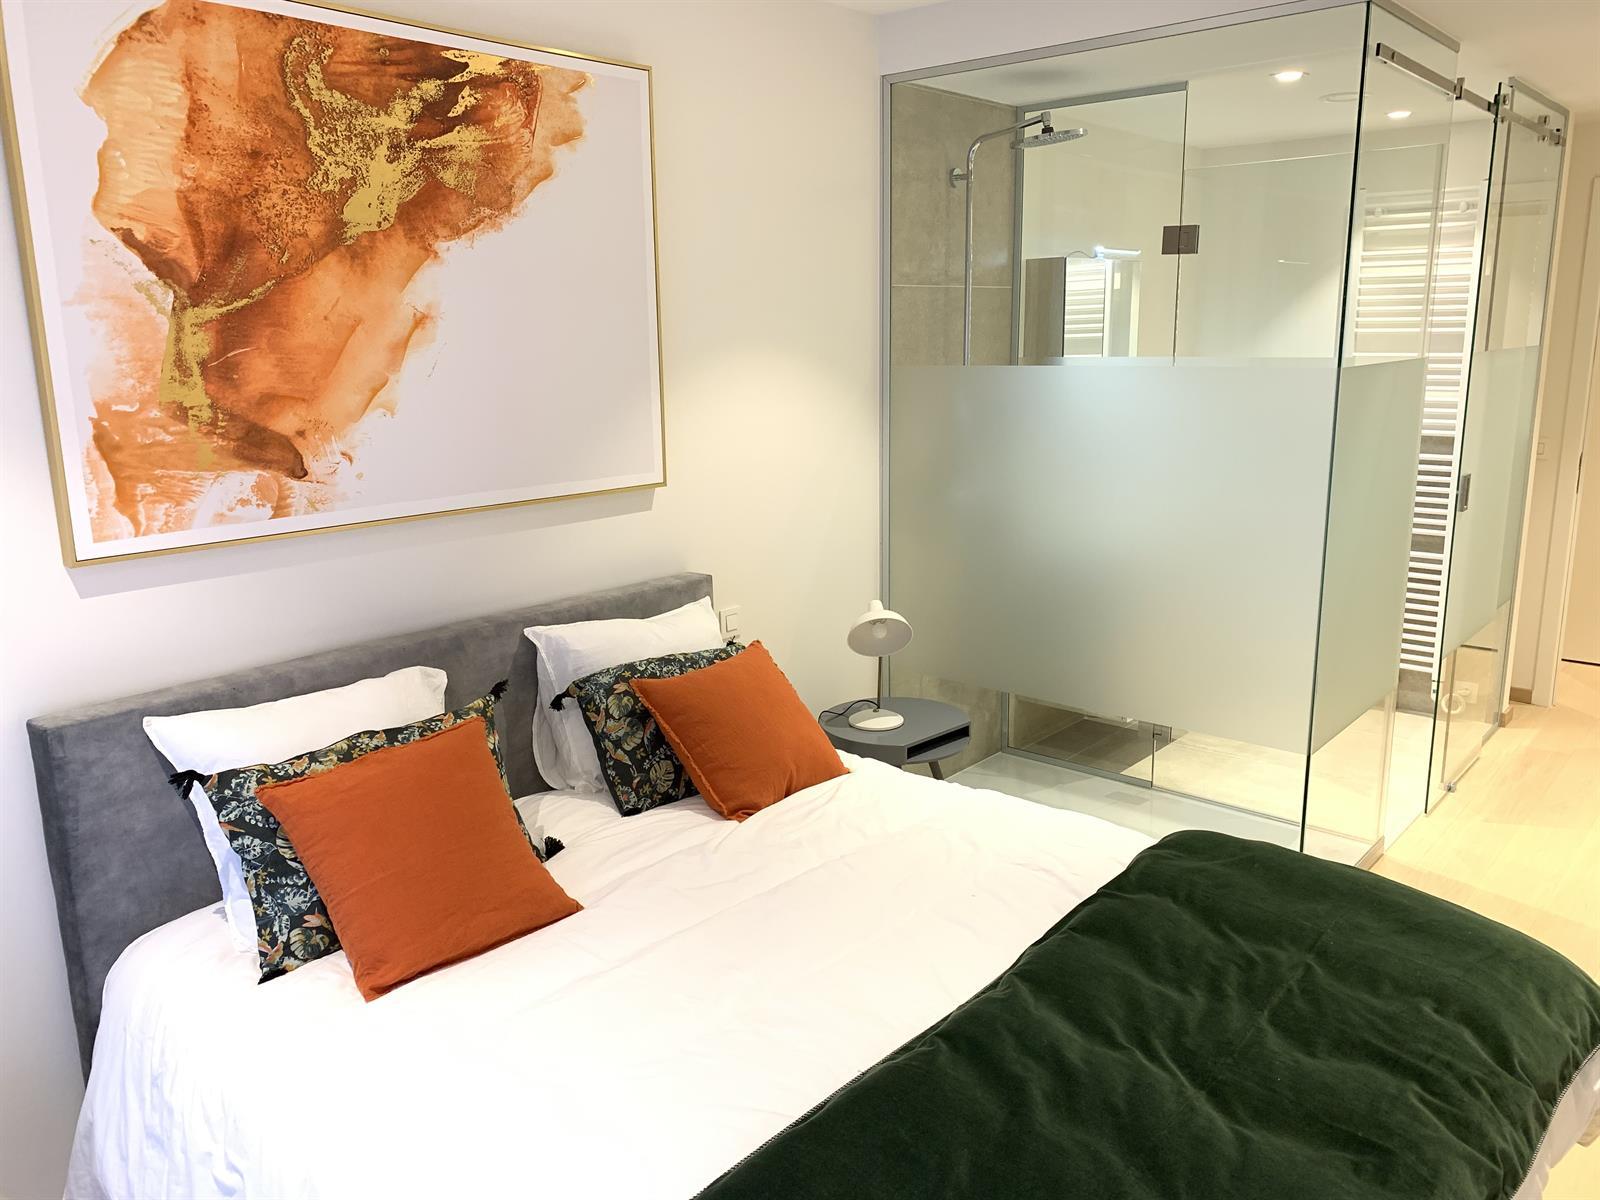 Appartement exceptionnel - Ixelles - #3918742-3